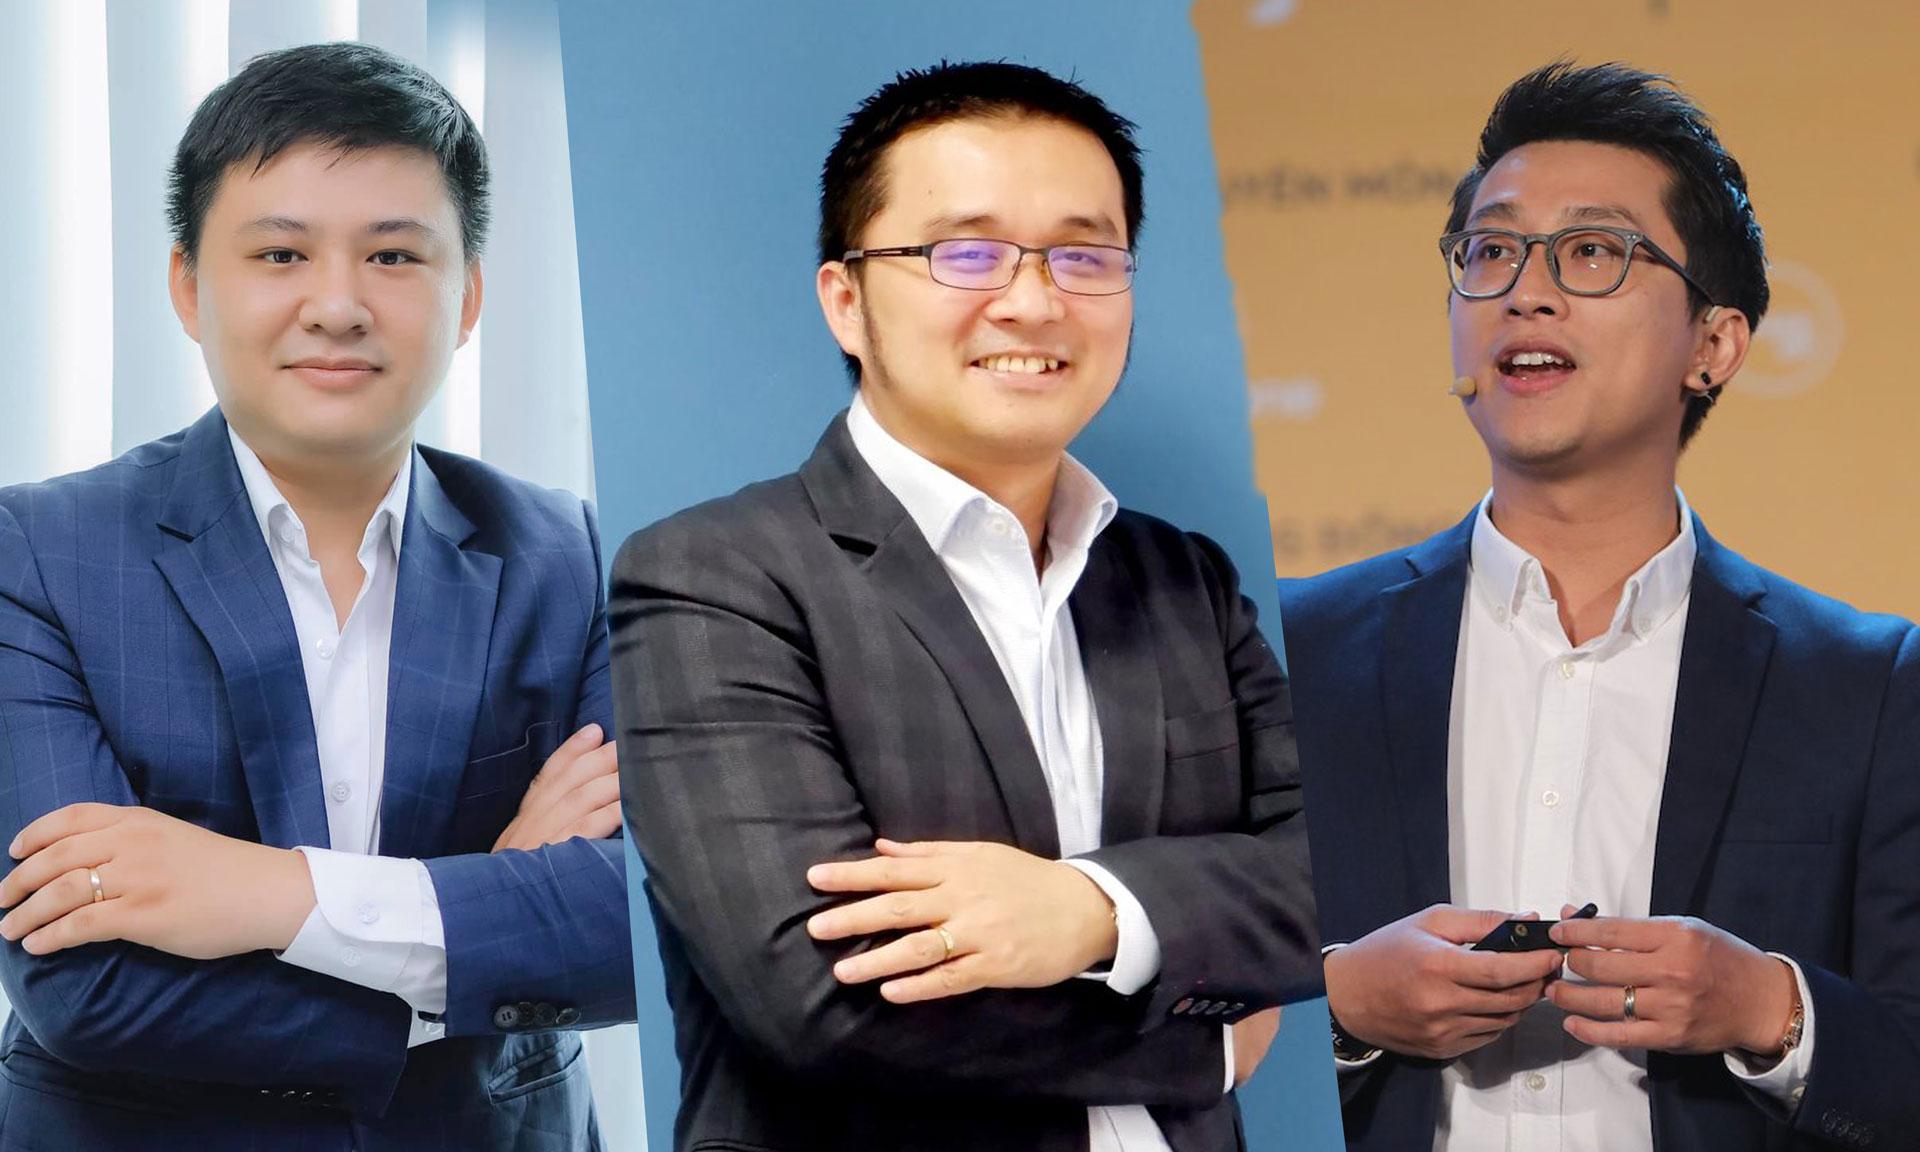 Các diễn giả trong CTO Talks ngày 15/6: Hồ Quốc Đạt, ông Nguyễn Hữu Quang, ông Cris D Trần.